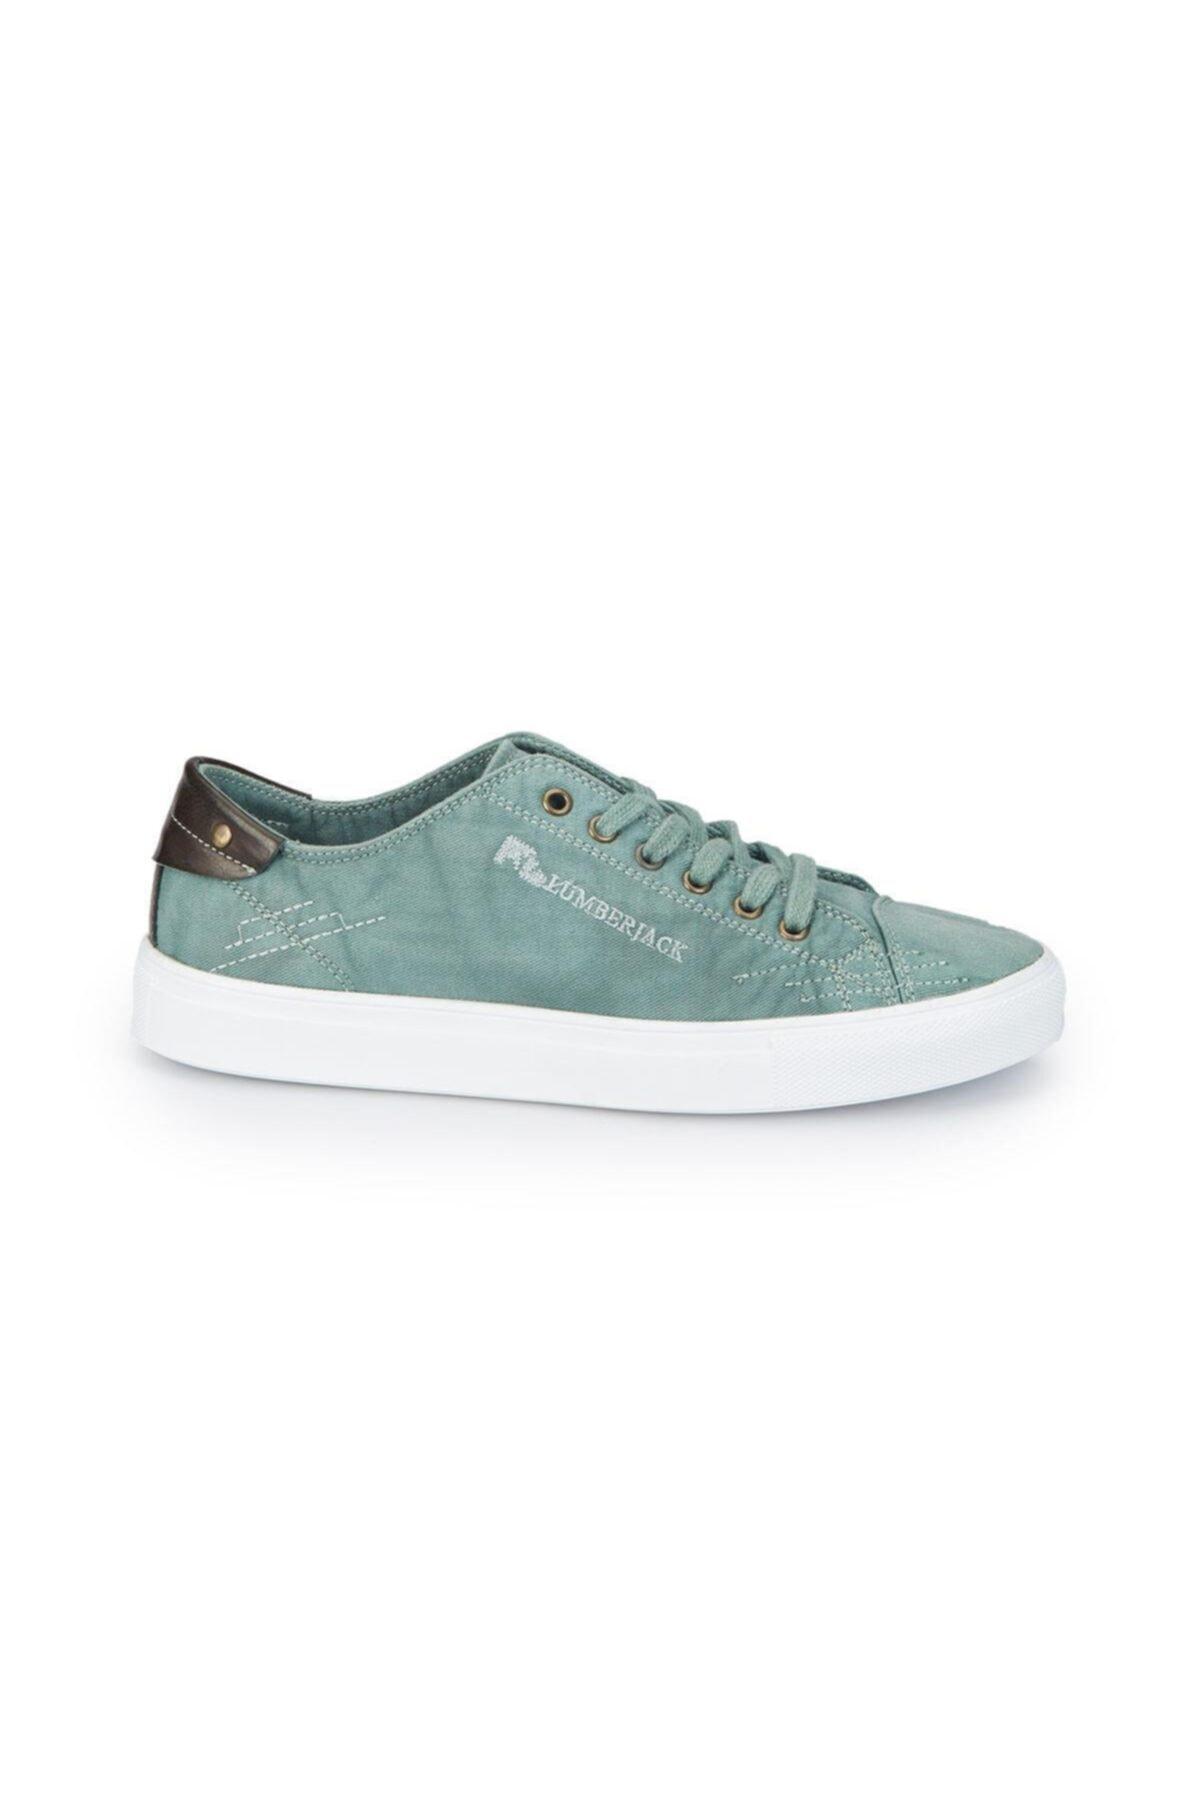 lumberjack DALTON Yeşil Erkek Sneaker 100241897 2